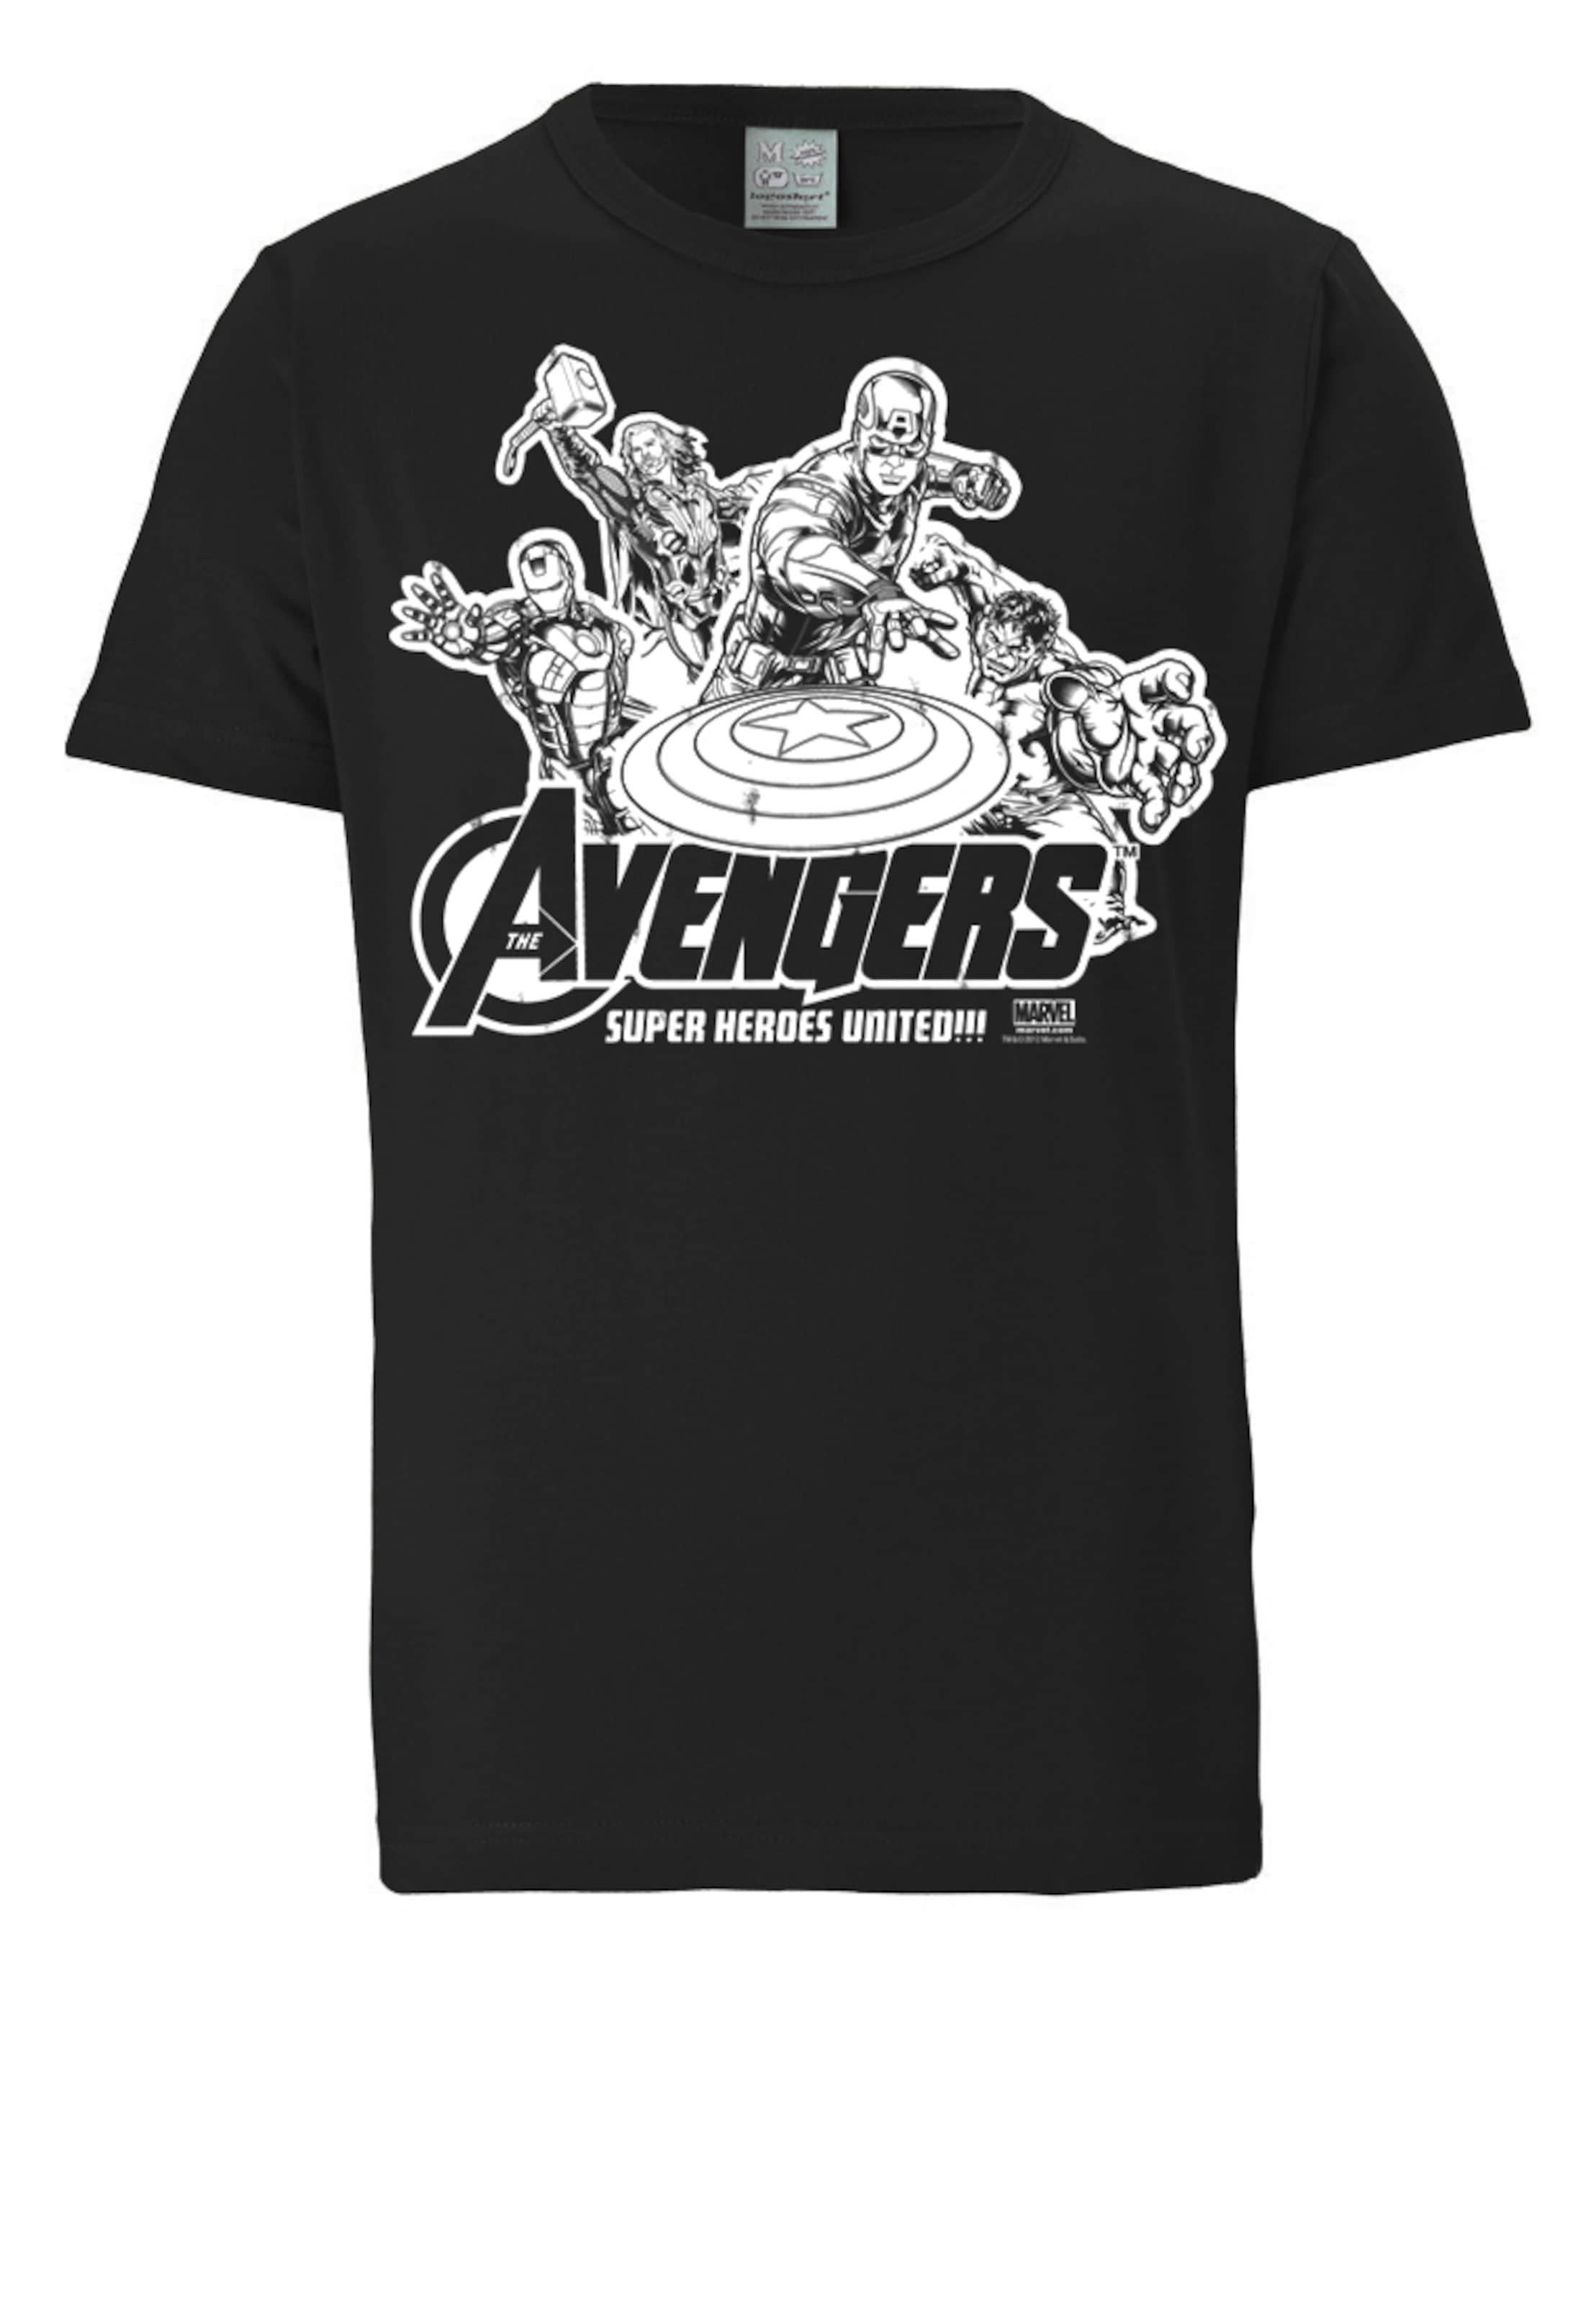 'avengers' SchwarzWeiß In Logoshirt shirt T R4jqAL53